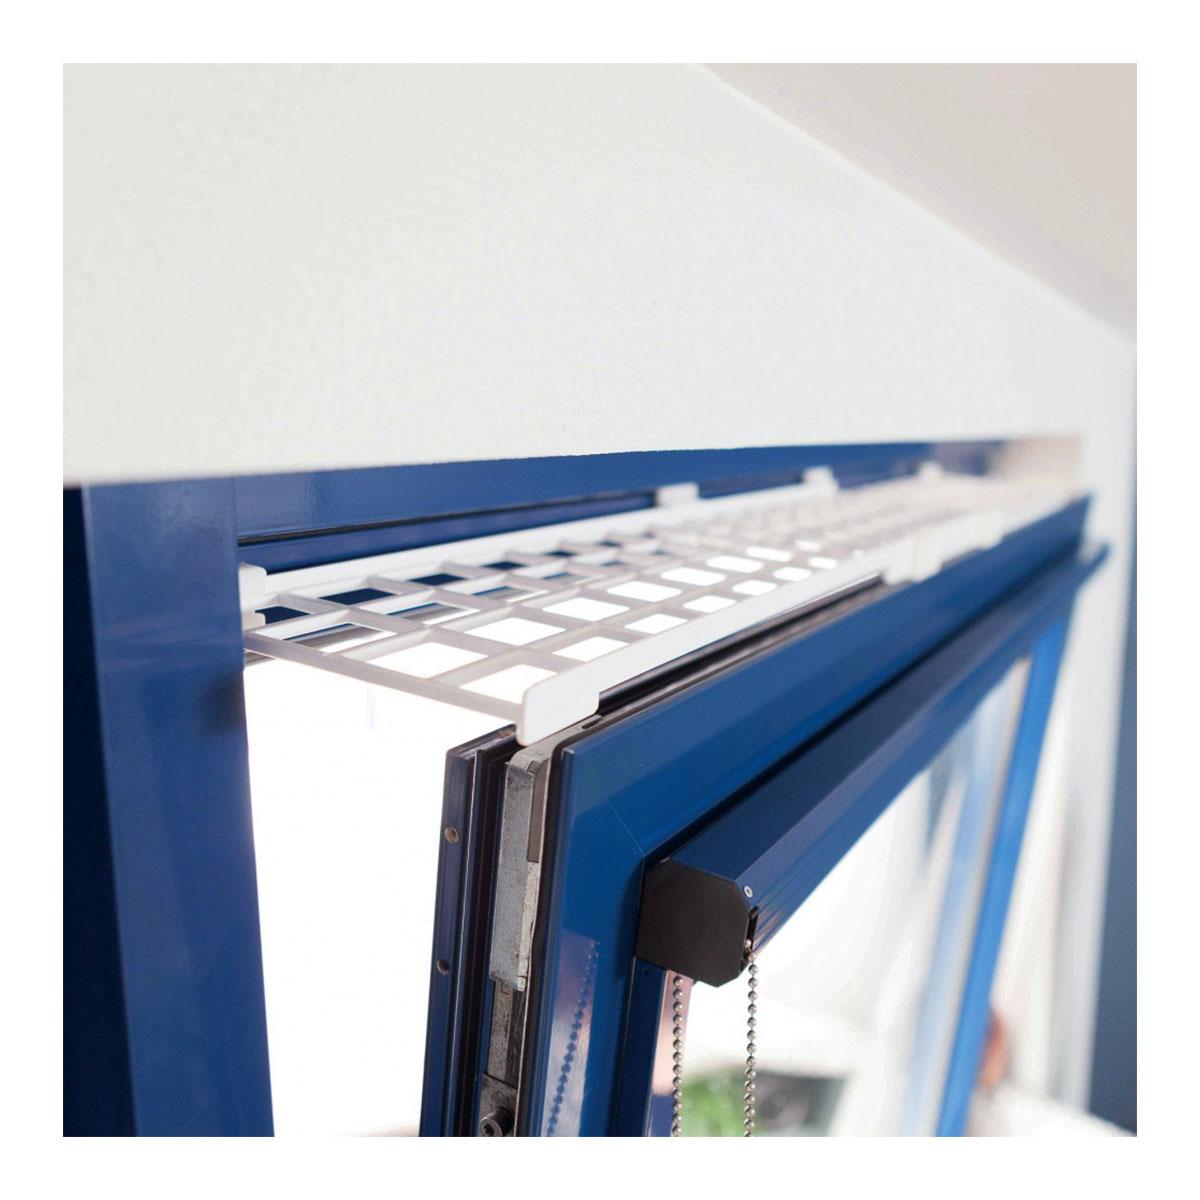 trixie schutzgitter f r fenster oben unten ausziehbar 75 125 16cm wei. Black Bedroom Furniture Sets. Home Design Ideas